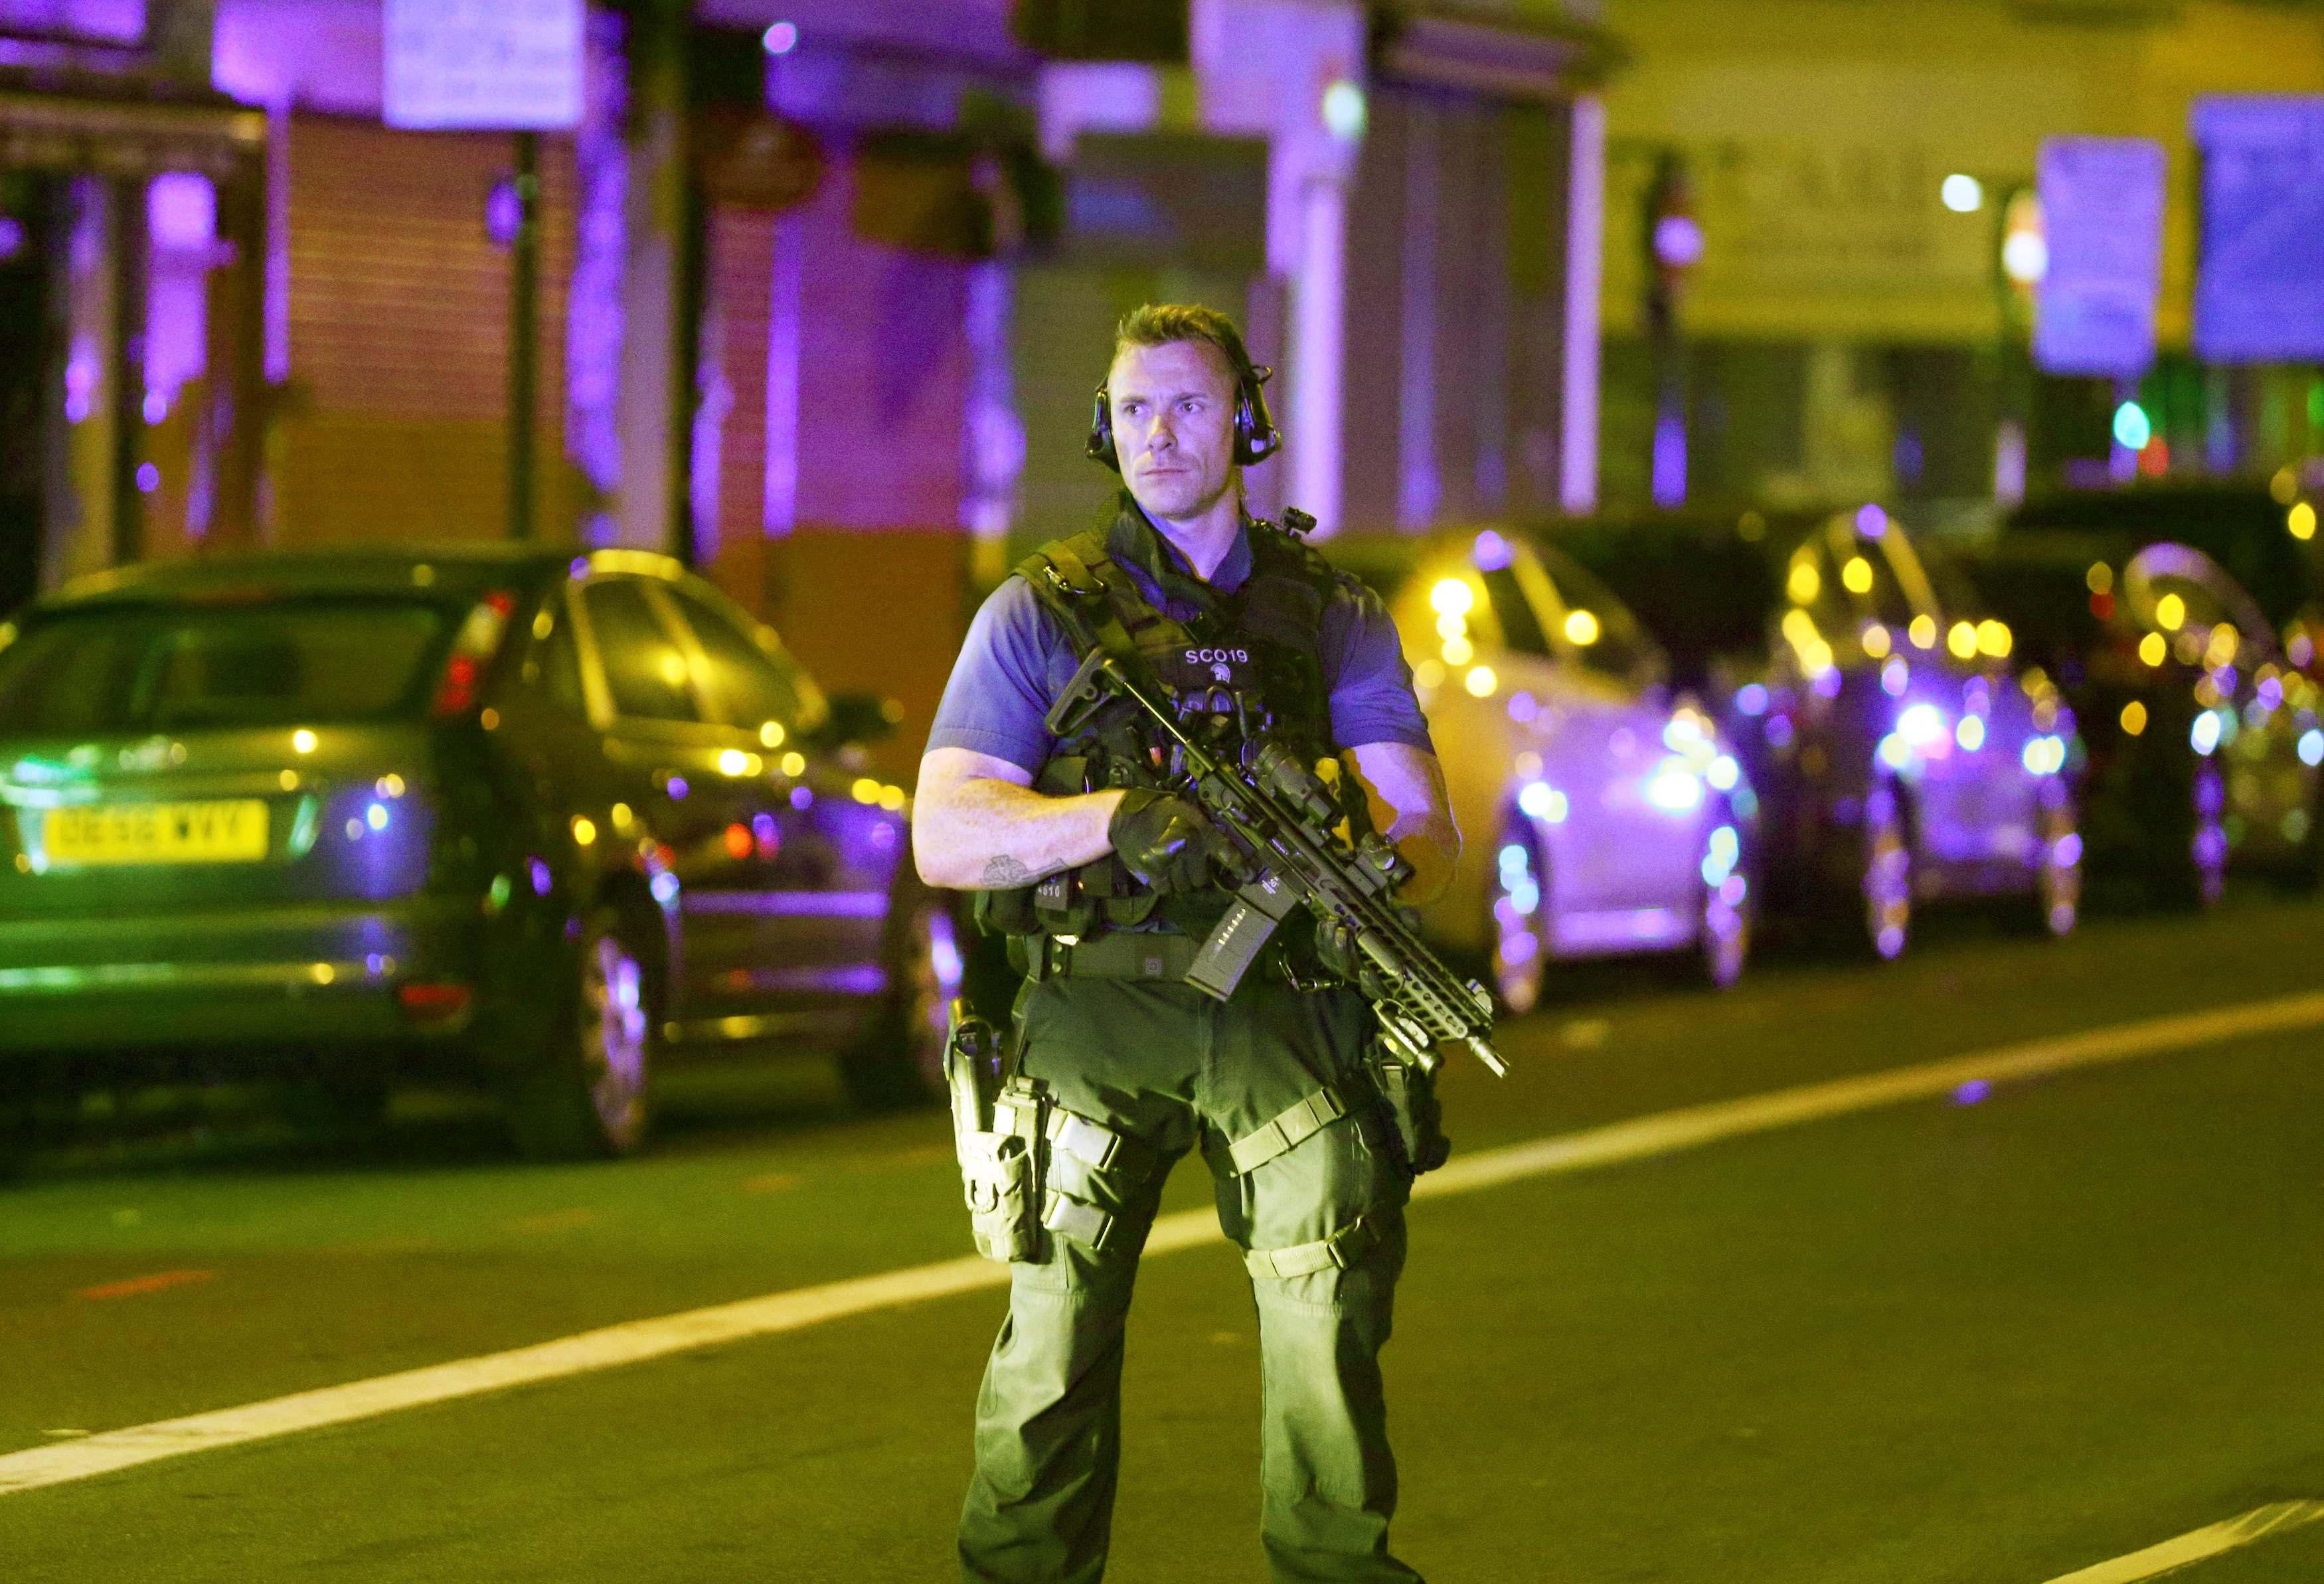 أحد عناصر الشرطة البريطانية يقف بمحيط الحادث